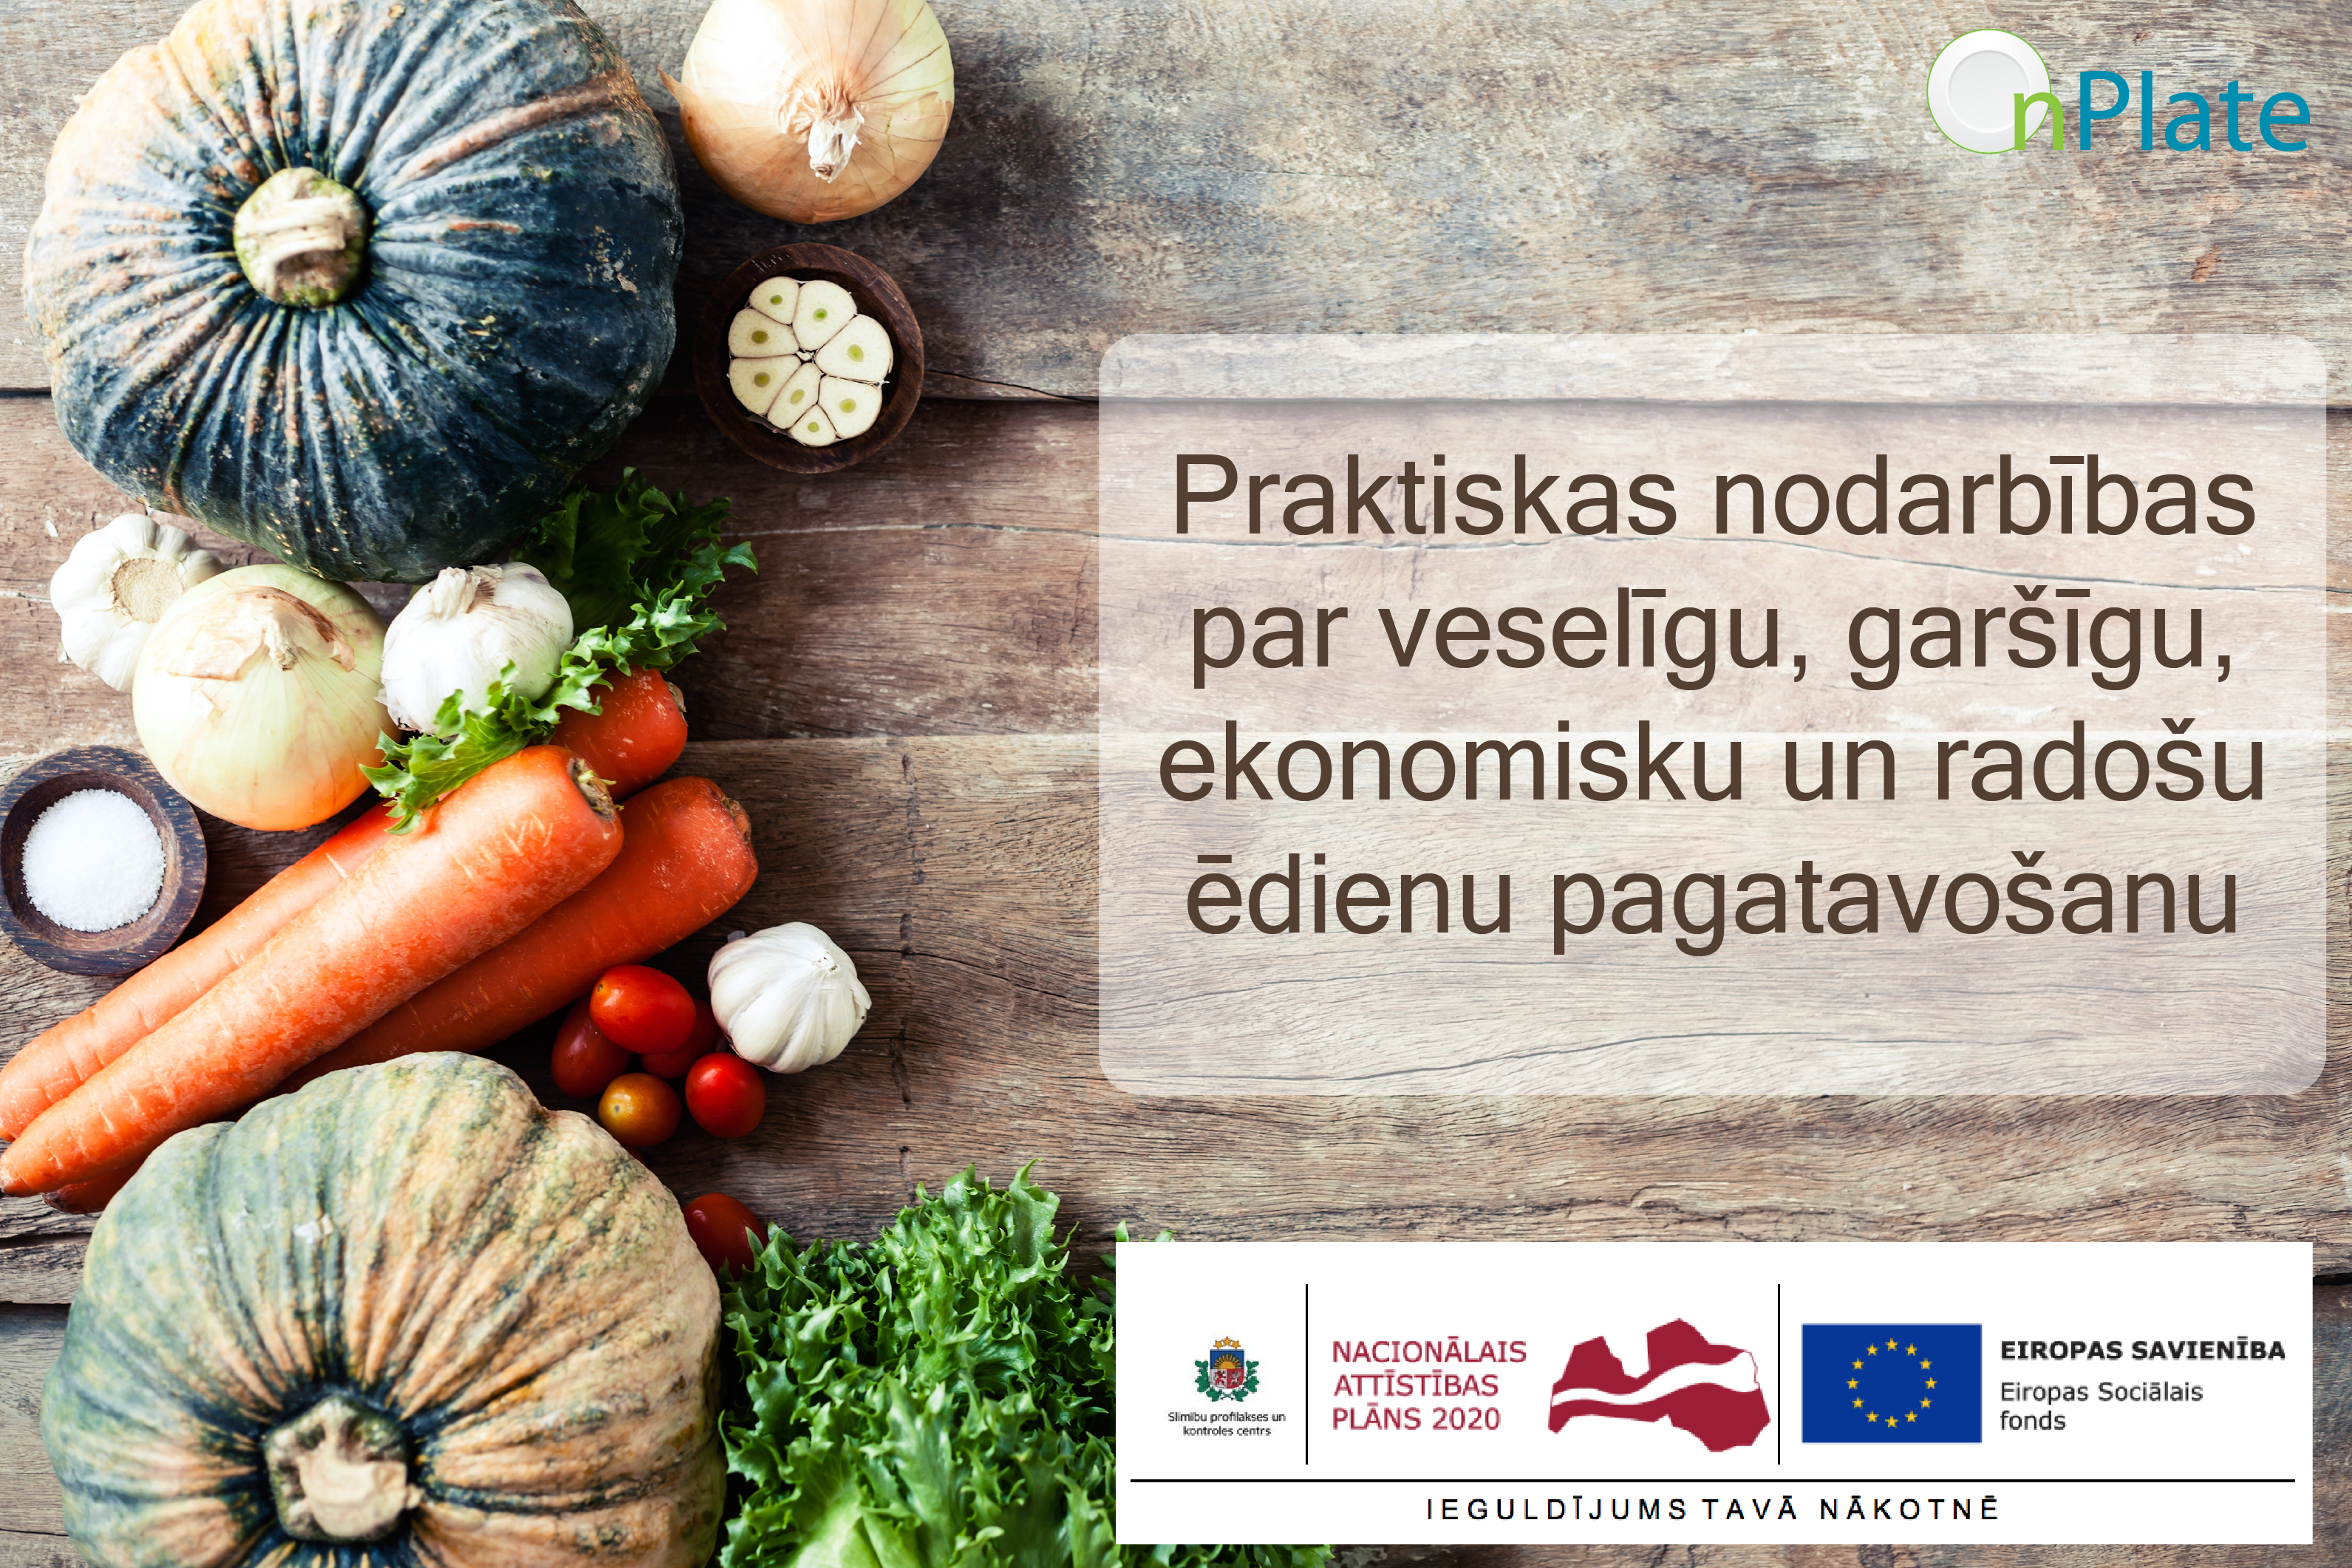 Praktiskās nodarbības par veselīgu, garšīgu, ekonomisku un radošu ēdienu pagatavošanu